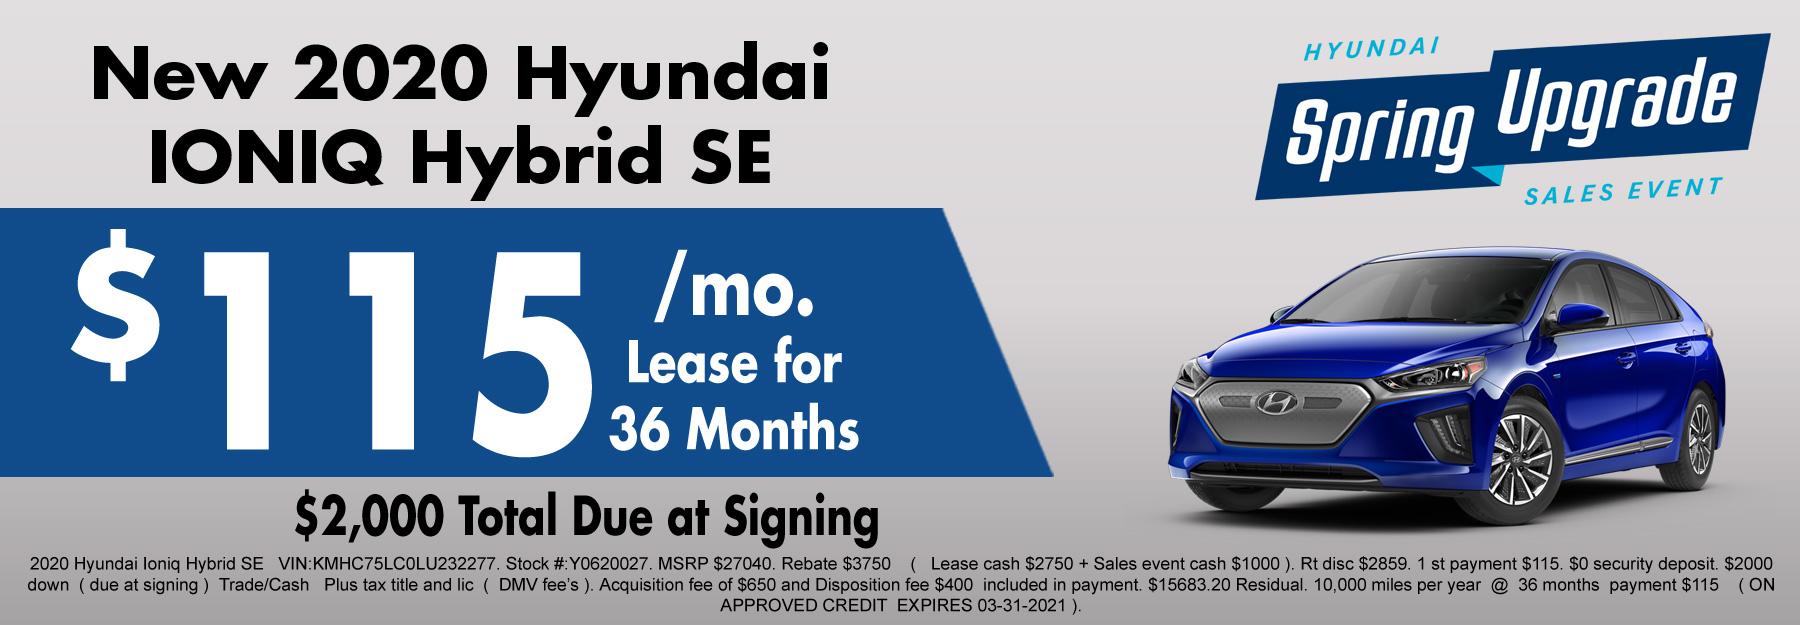 New Hyundai Ioniq Special